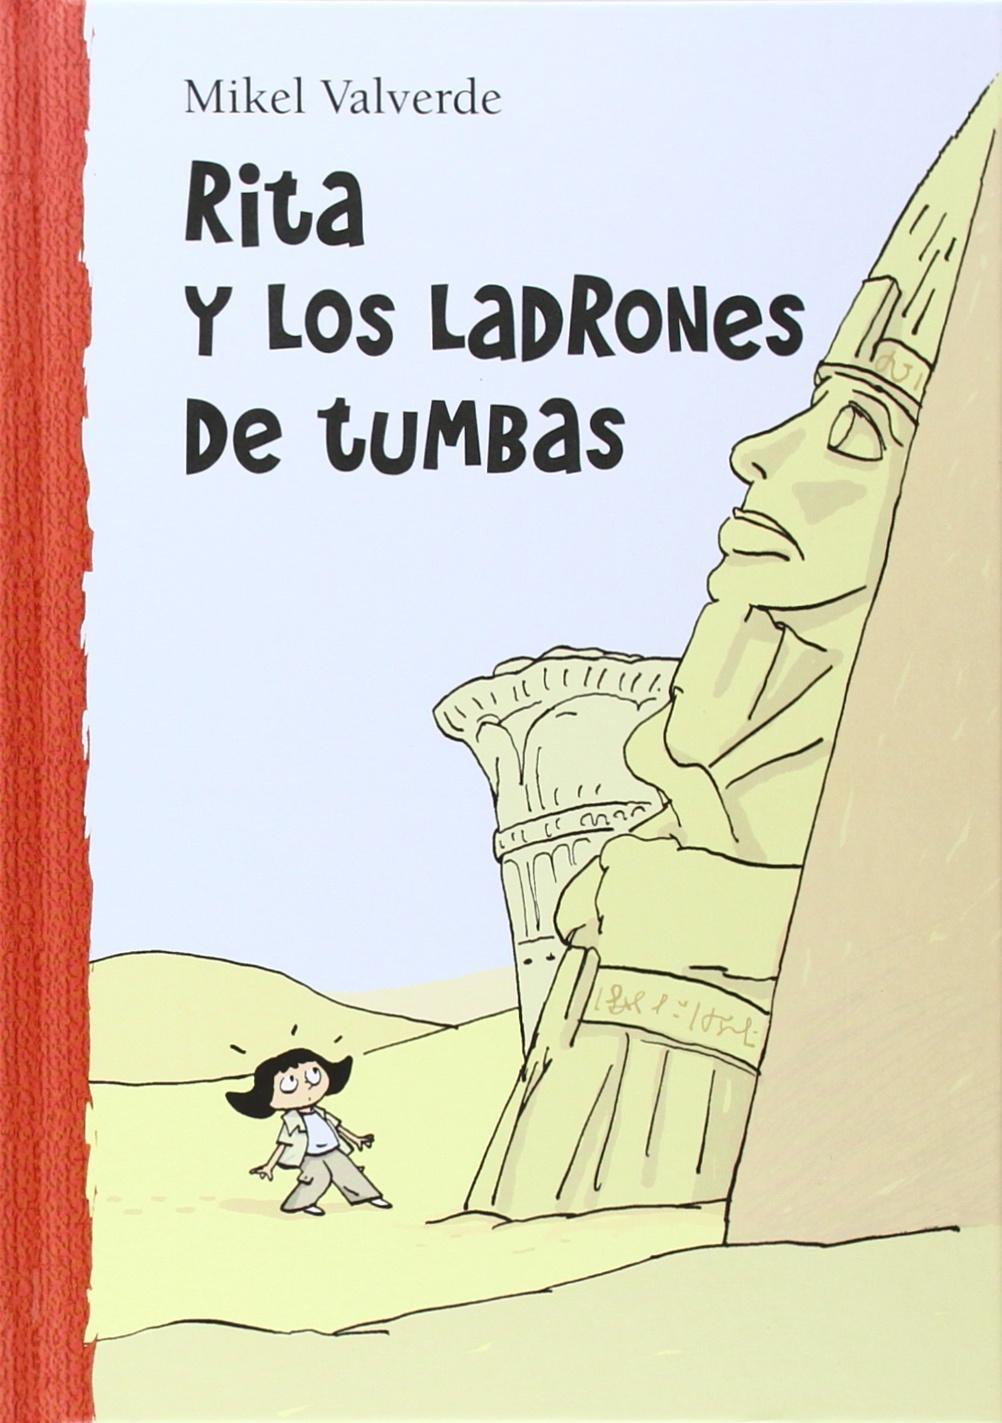 Rita y los ladrones de tumbas (El mundo de Rita) Tapa dura – 30 sep 2007 Mikel Valverde Tejedor 8479421436 Archaeology; Fiction. Egypt; Antiquities; Fiction.